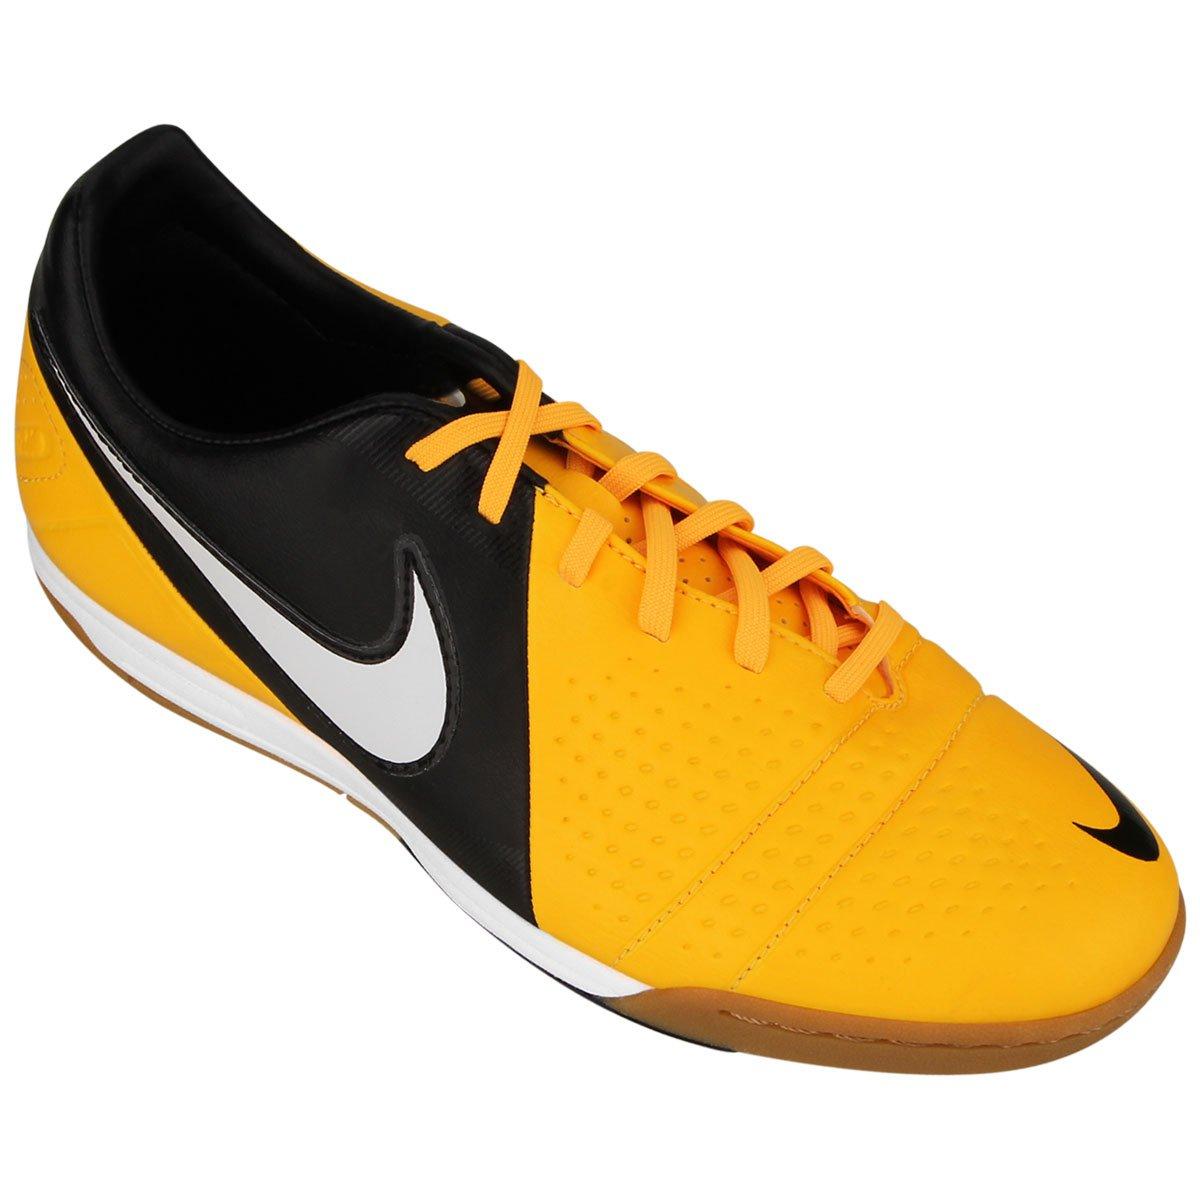 423ec3e680 Chuteira Nike CTR360 Libretto 3 IC - Compre Agora